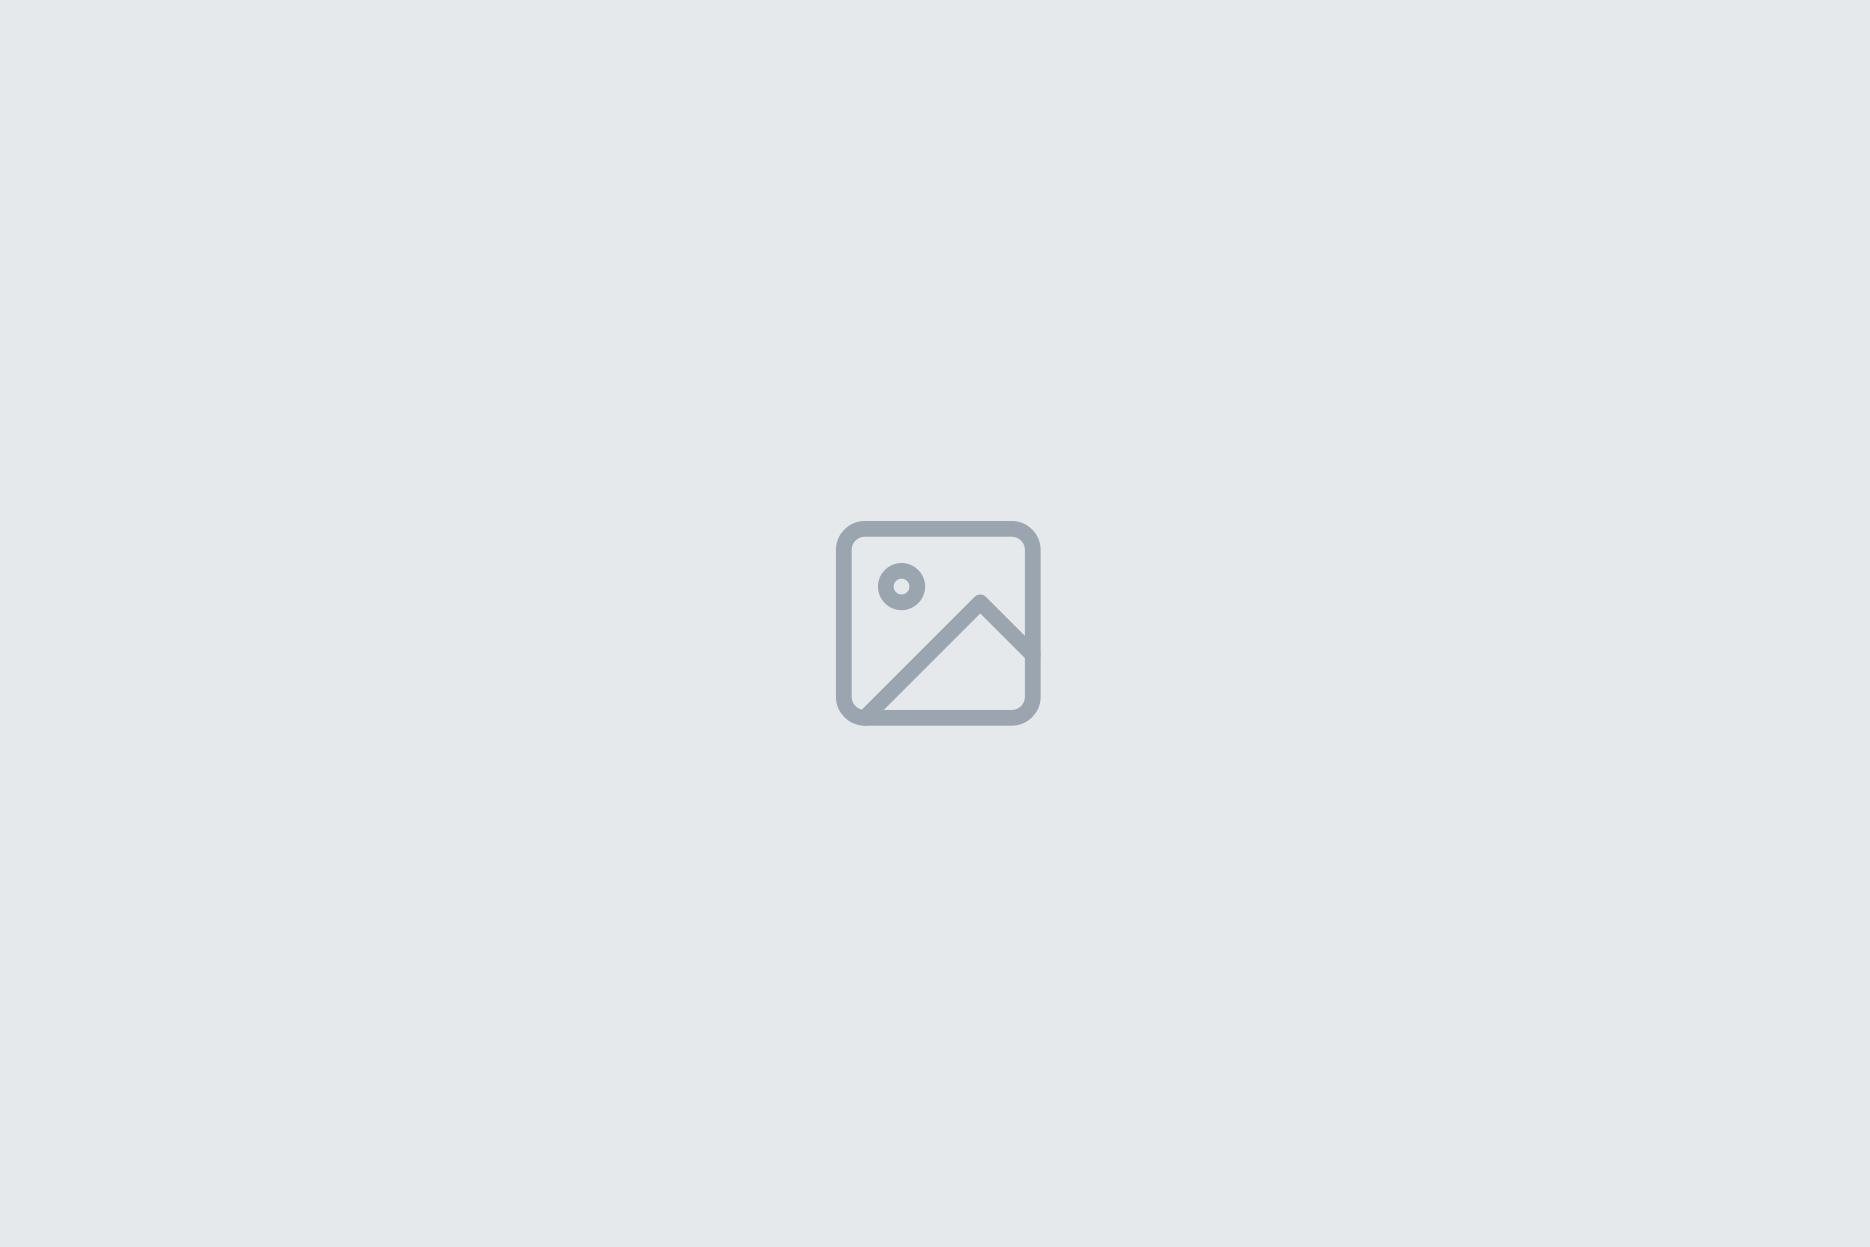 default-fallback-image